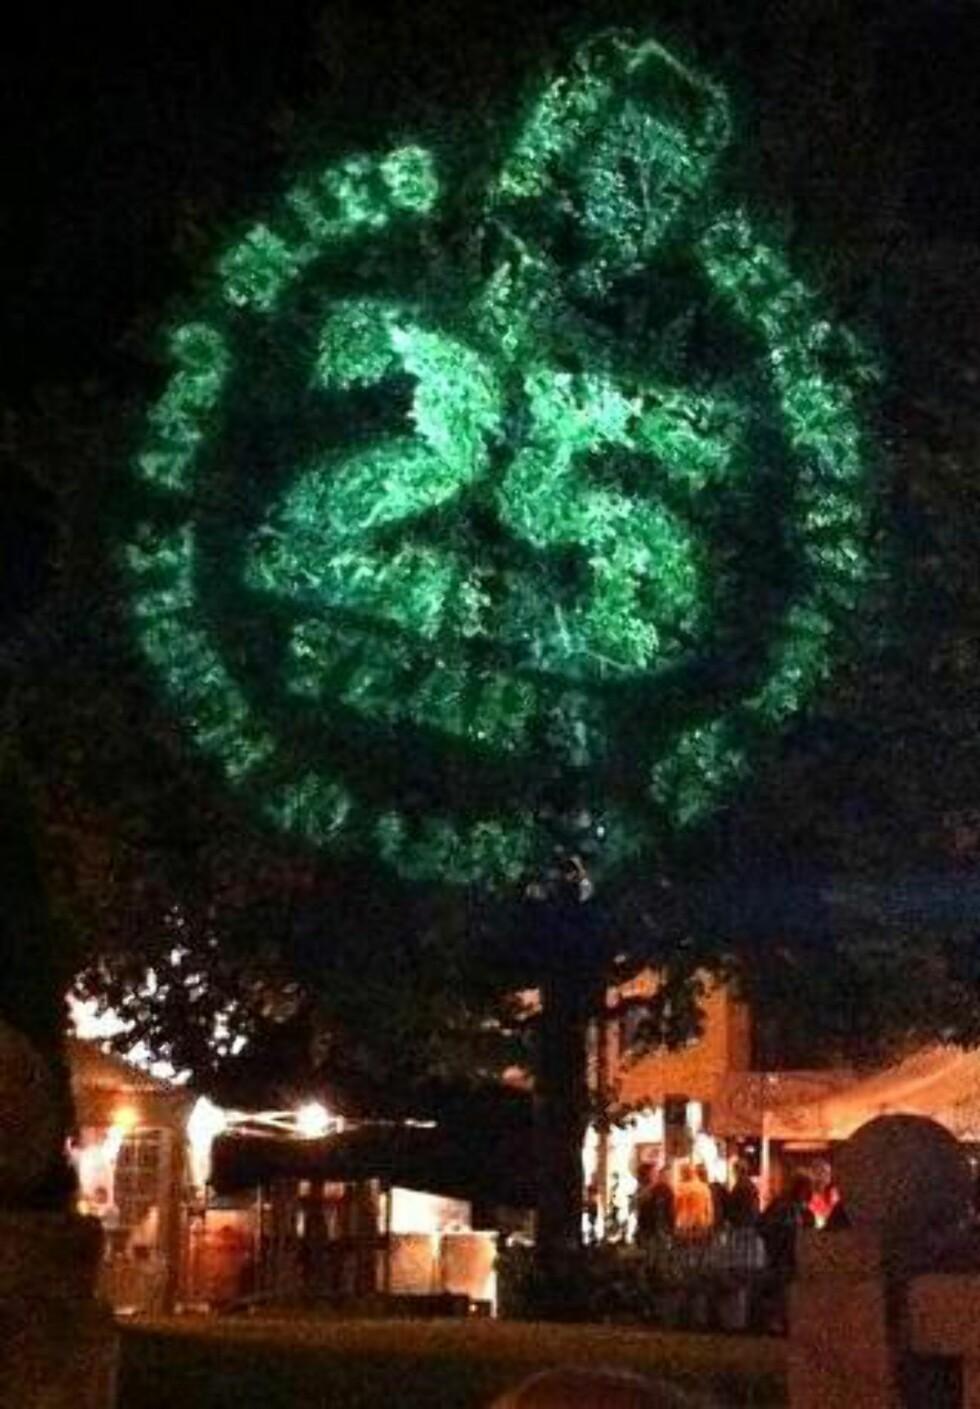 SÅ LYSET: Notodden Blues Festival feiret 25-årsjuileum i helga. Det ble markert med lysshow på trærne på torget. Foto: Øyvind Rønning / Dagbladet